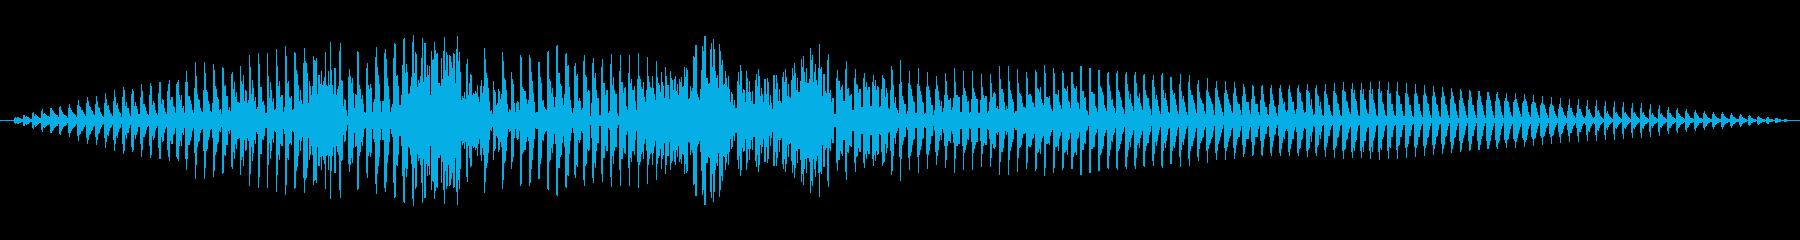 ビッグバズスイープ2の再生済みの波形